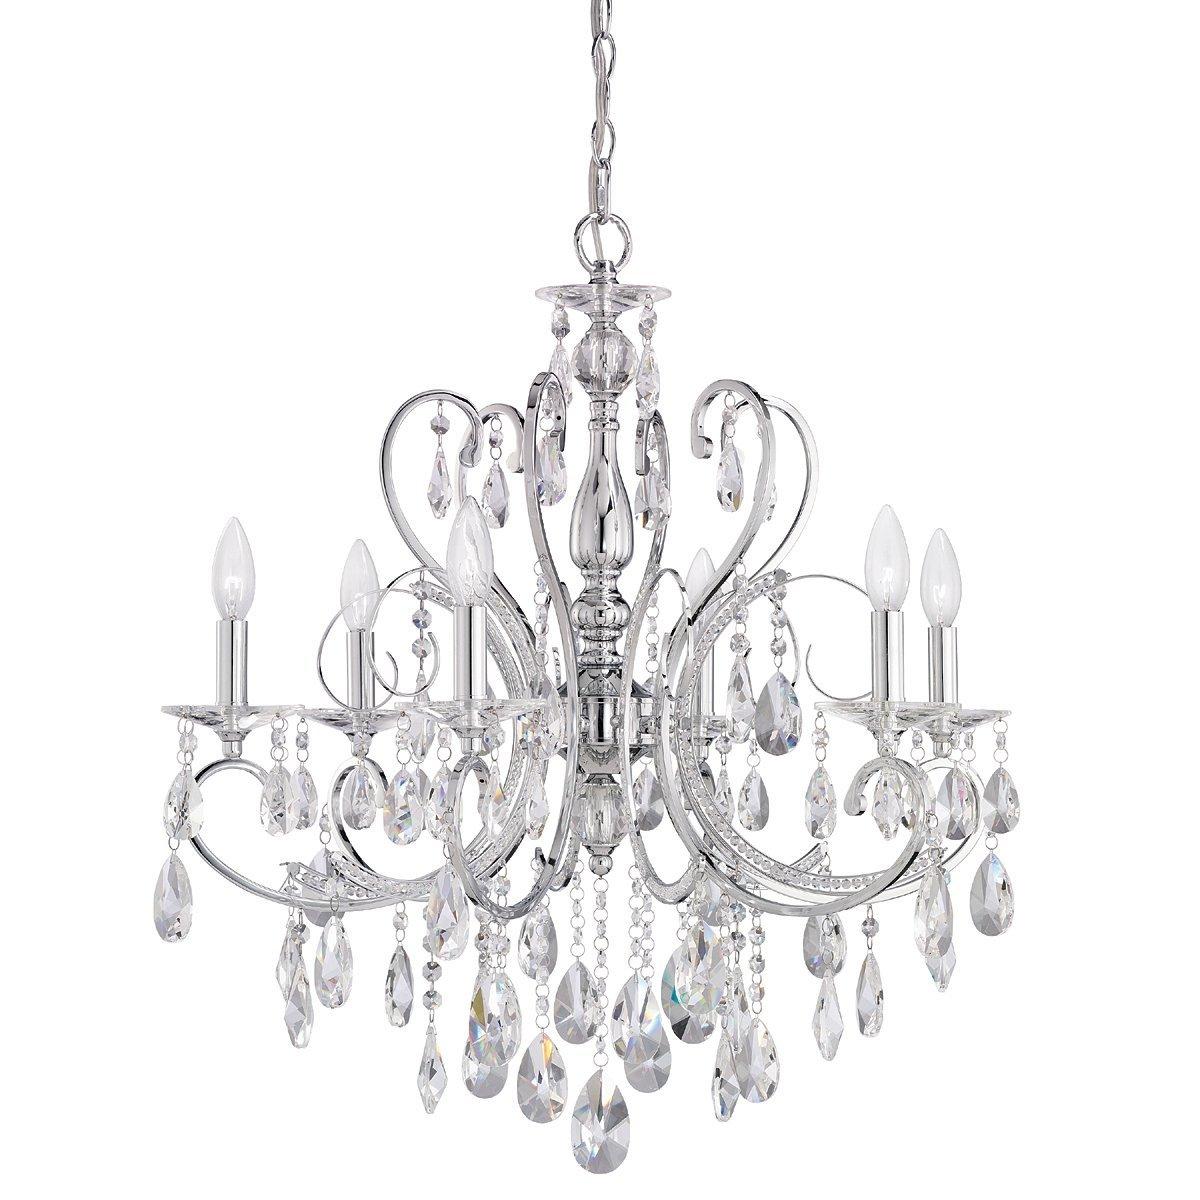 lampadario di cristallo : principessa di cristallo lampadario-Lampadari-Id prodotto:371144680 ...